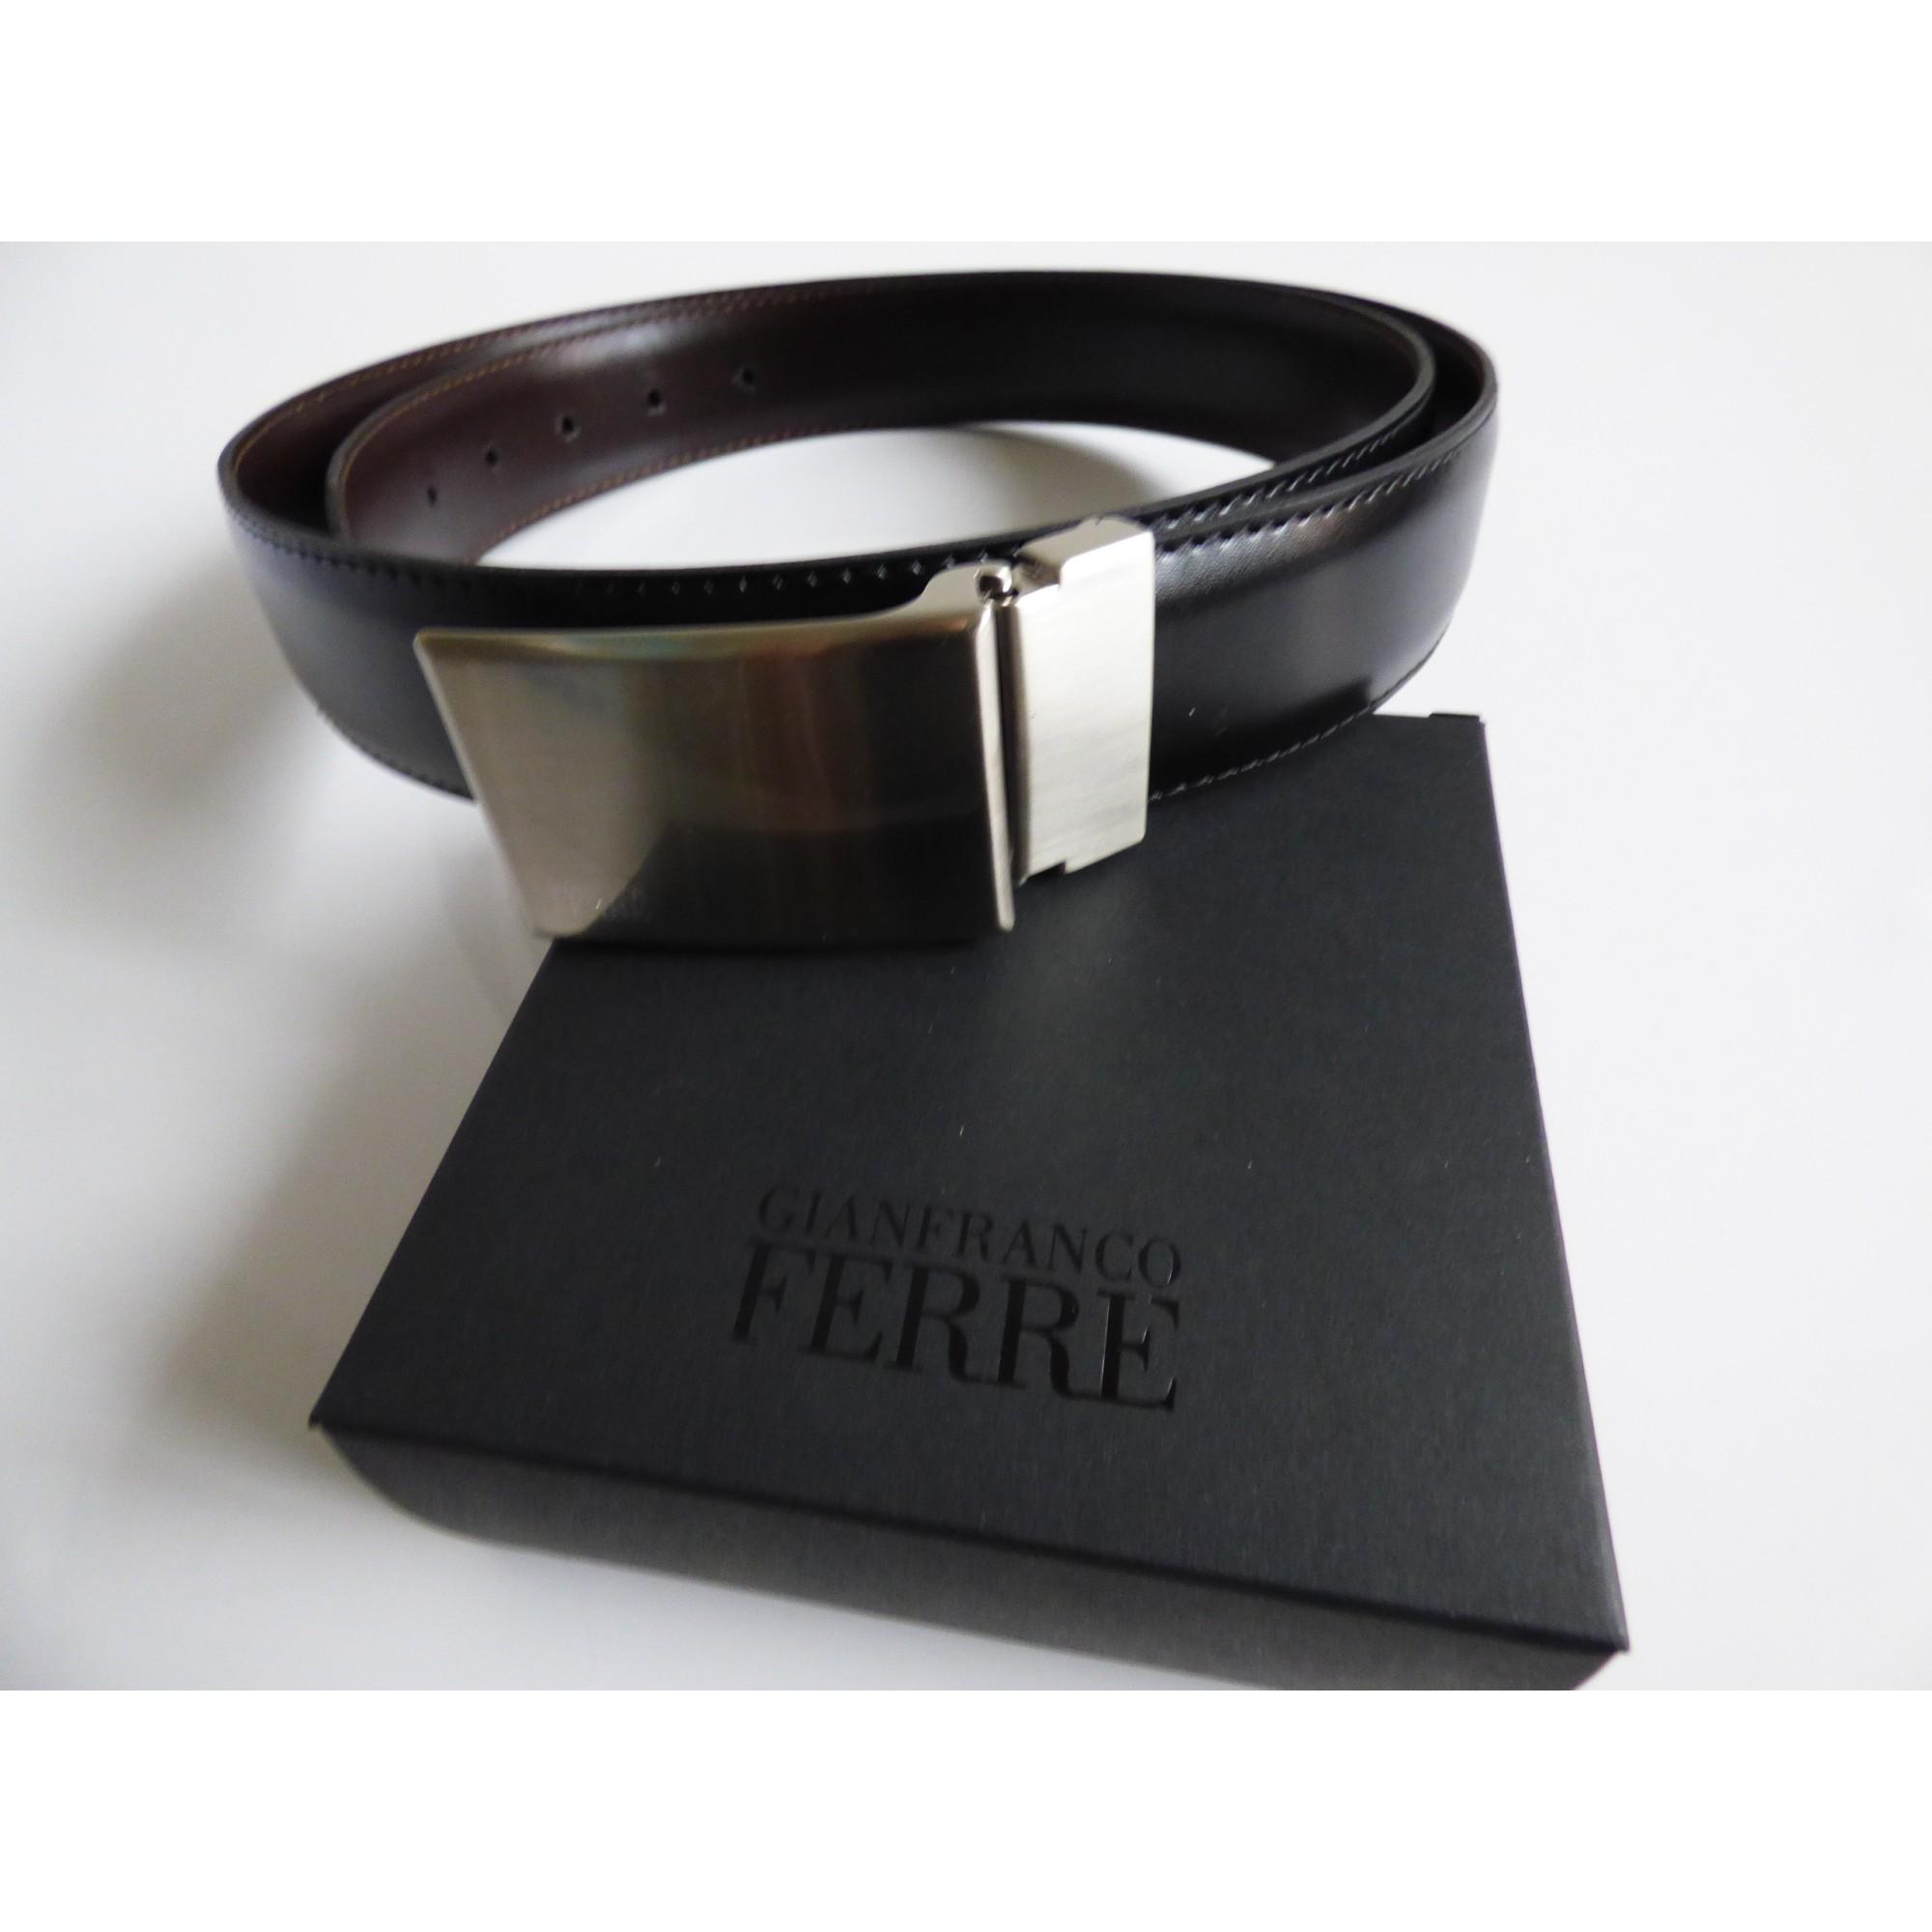 b37de5ee29a Ceinture GIANFRANCO FERRE Taille unique noir - 7088130